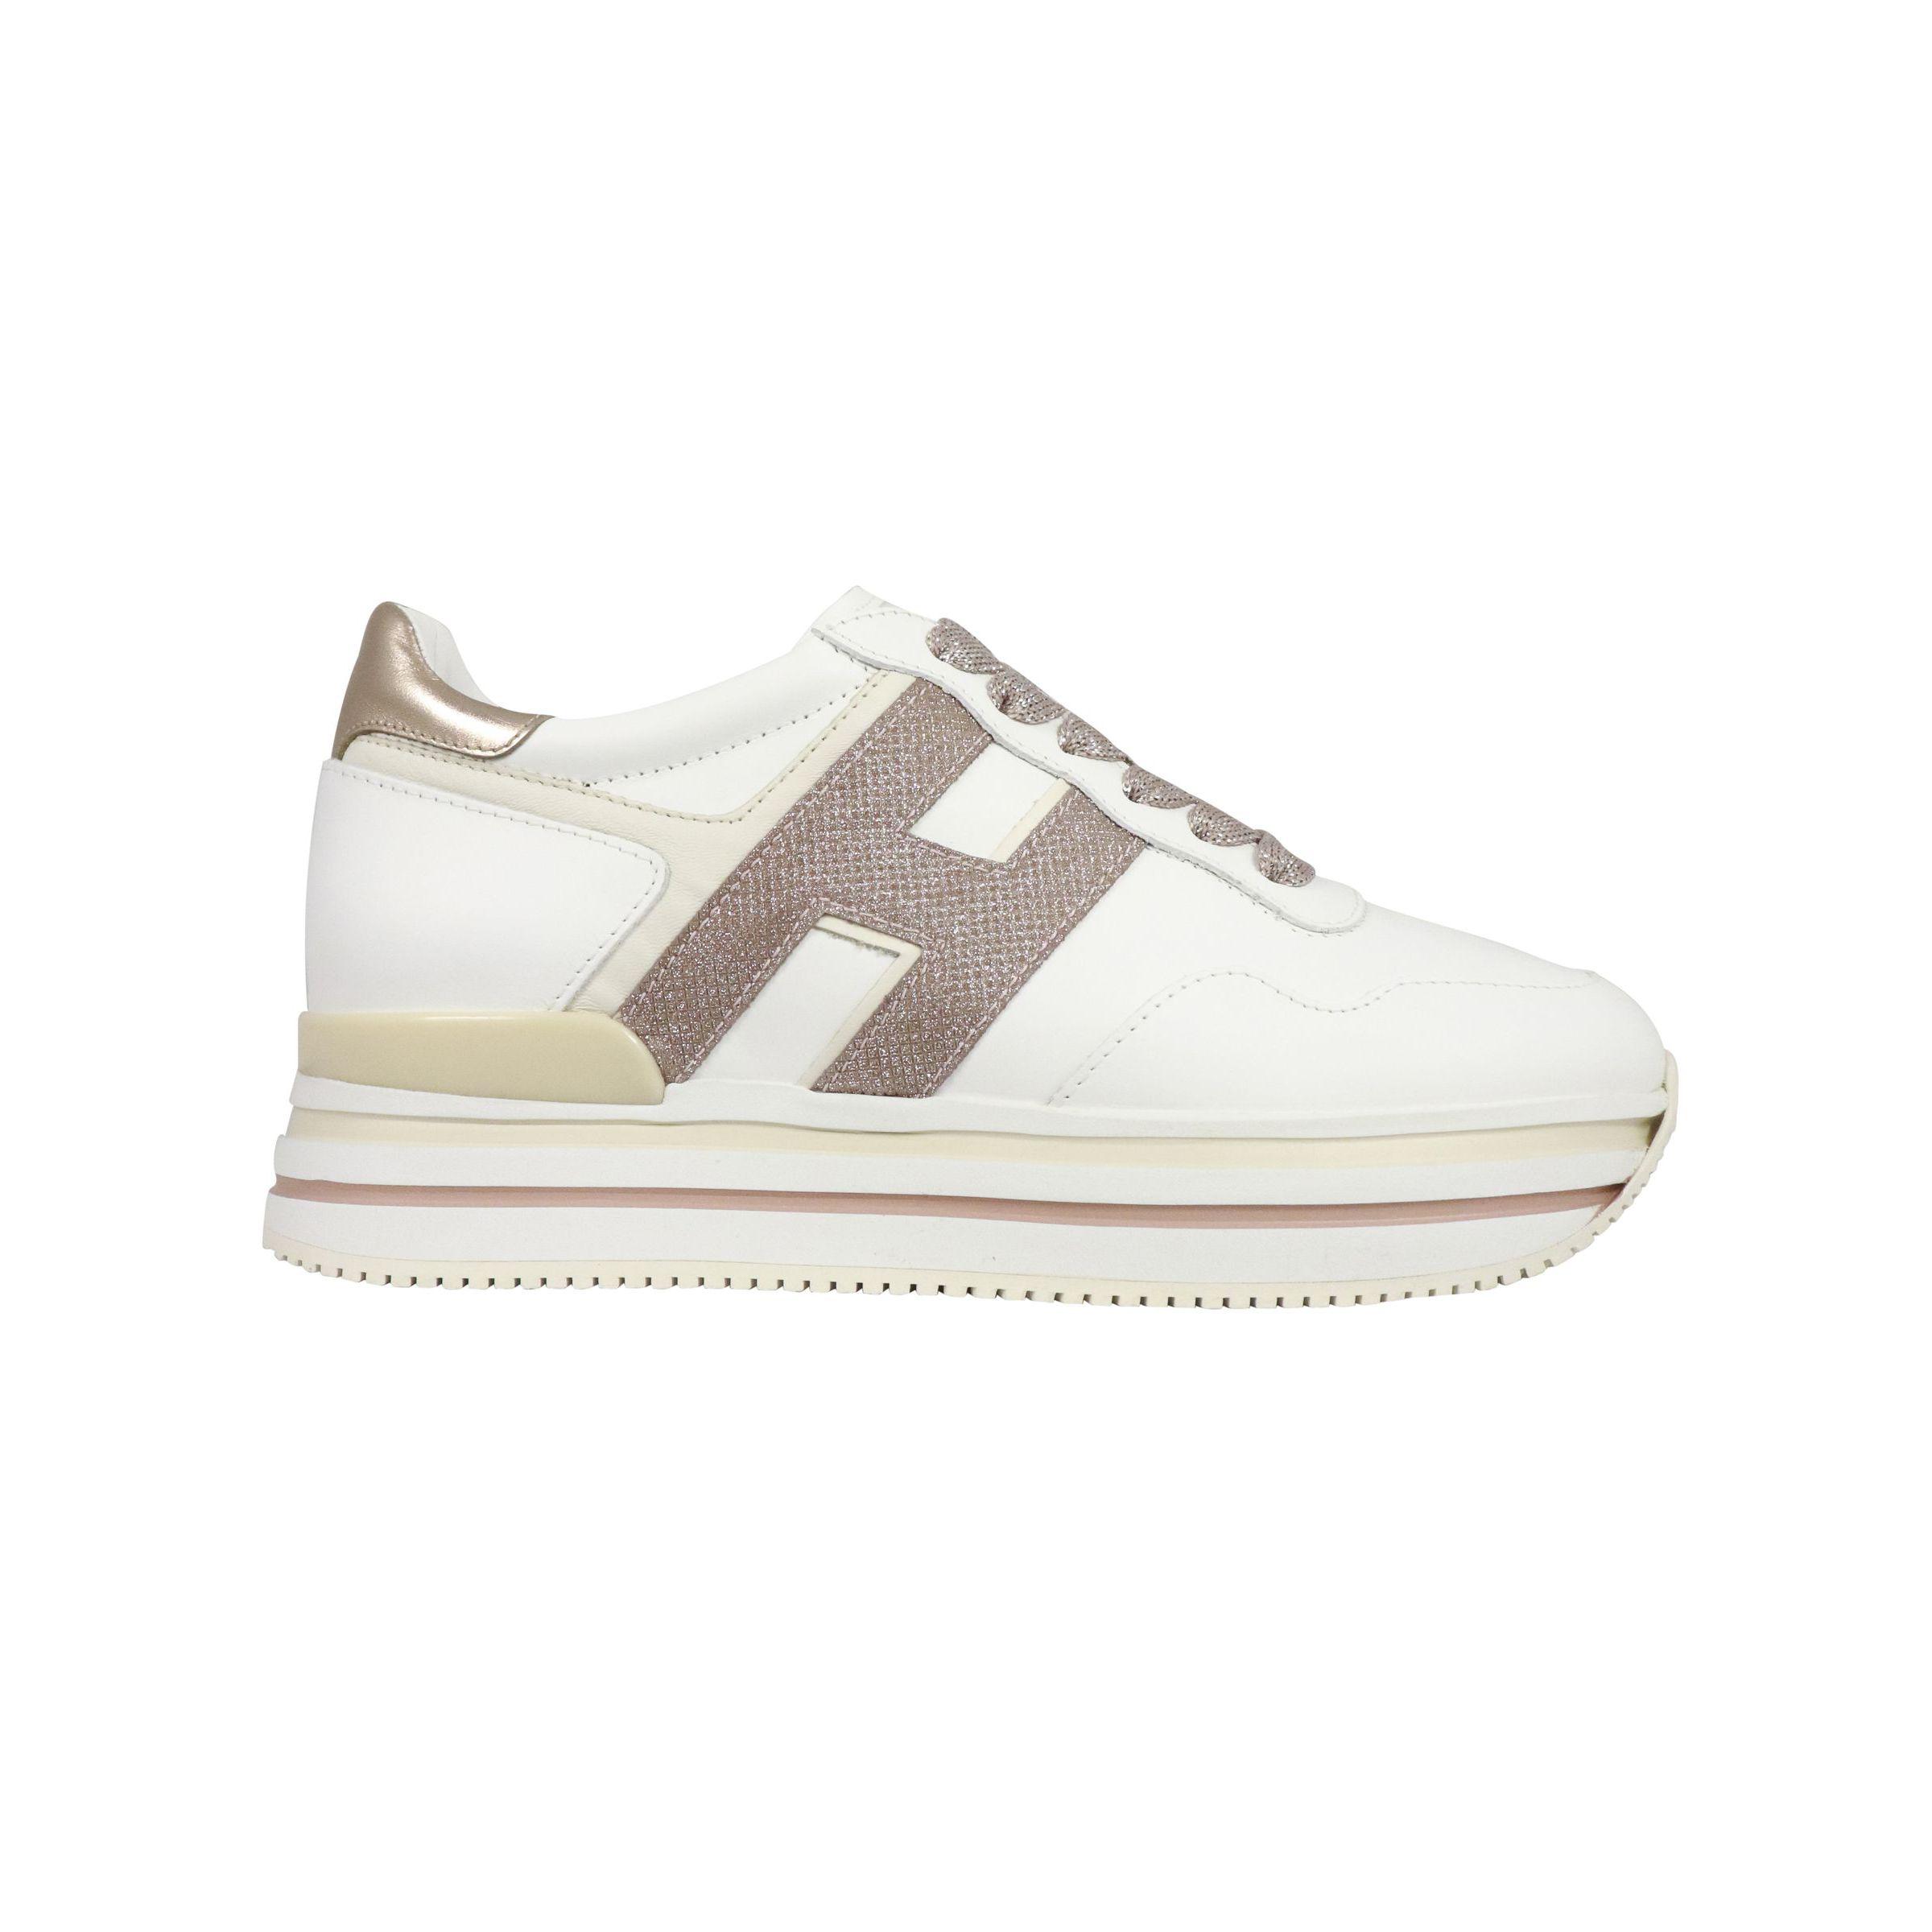 Sneakers Hogan in pelle con fondo 483 Bianco/oro rosa ...